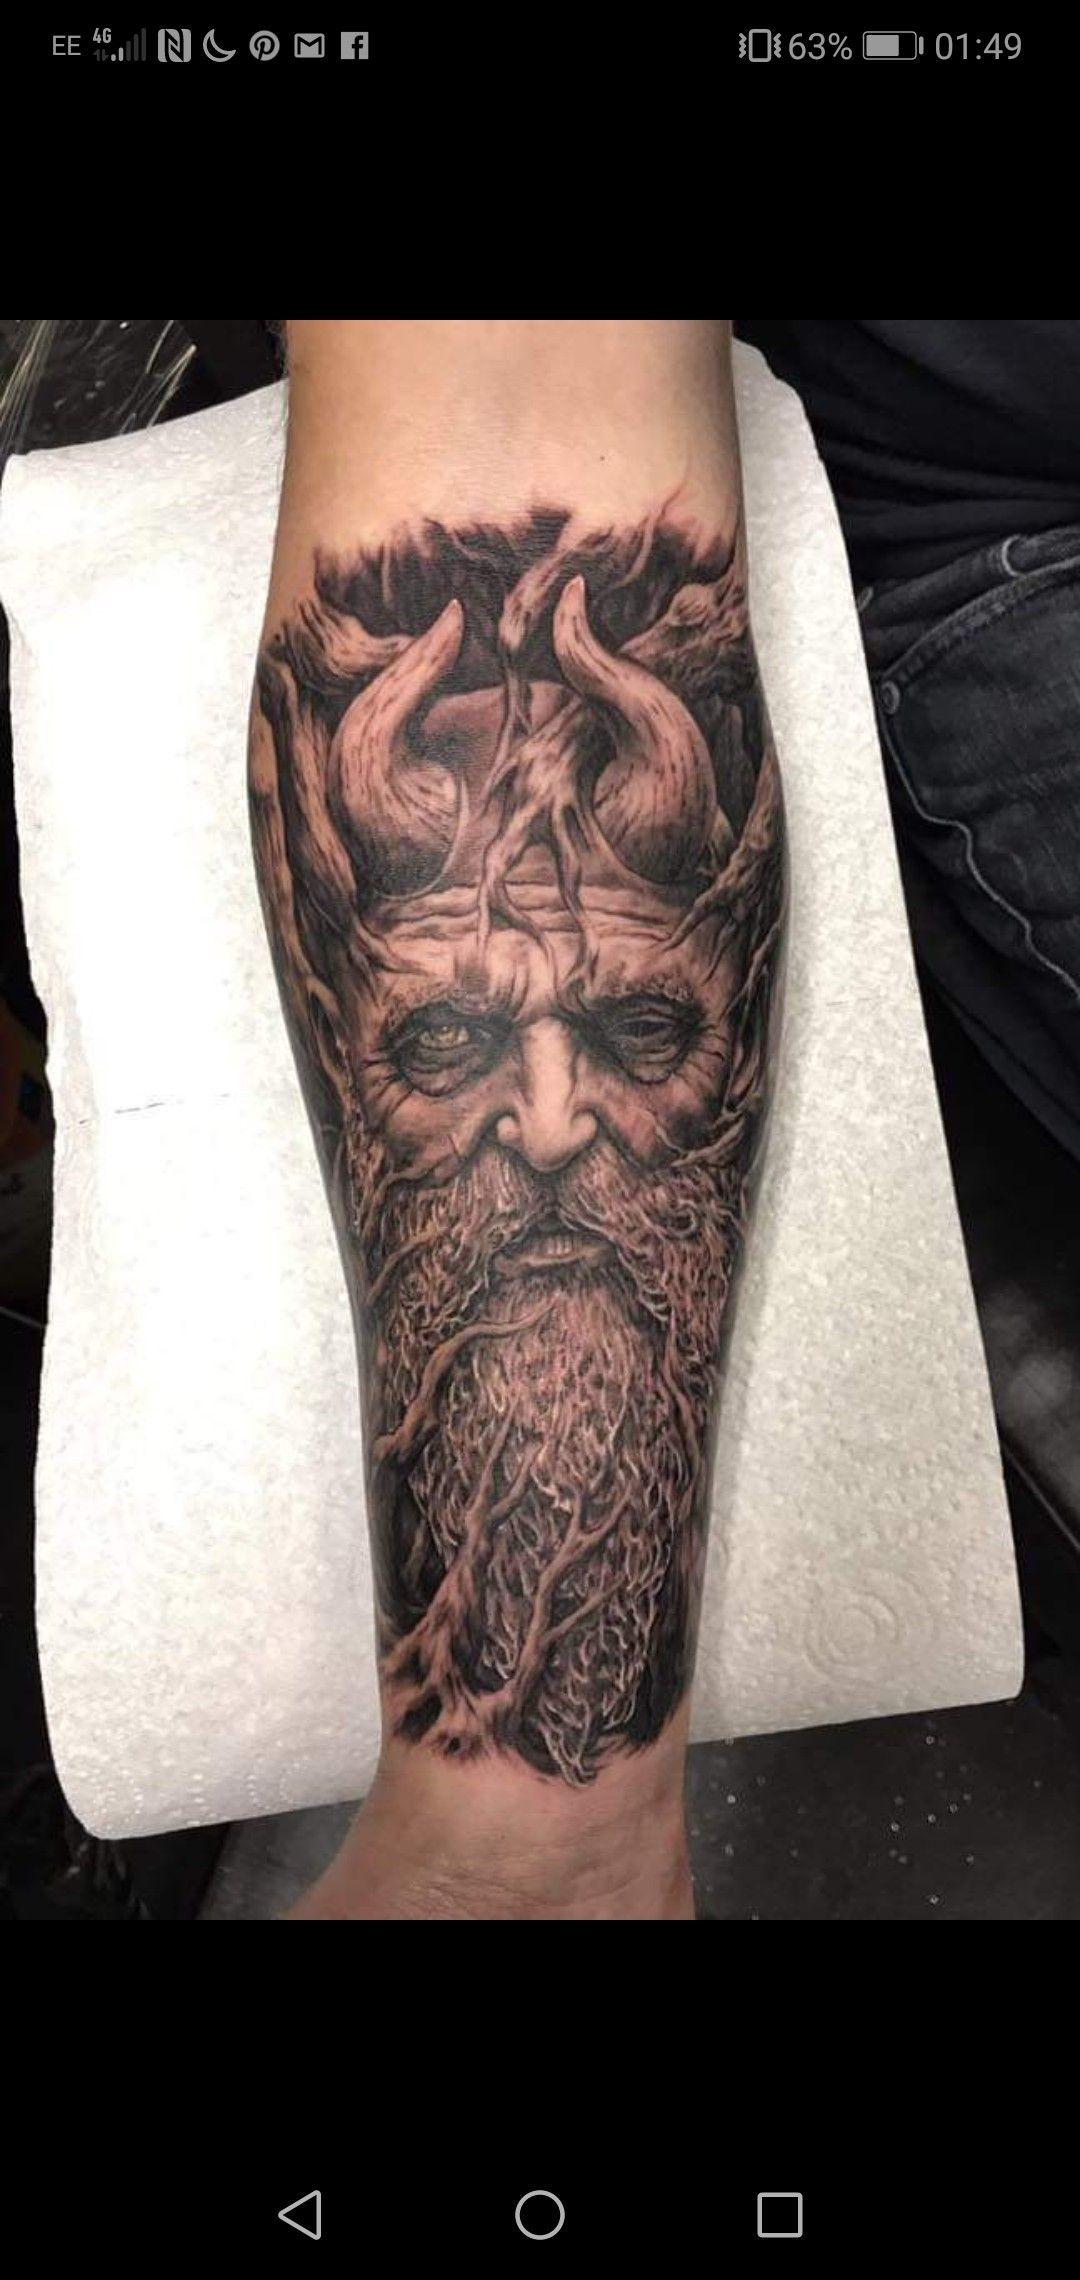 Viking Tattoo Ideias De Tatuagens Tatuagem Designs De Tatuagem